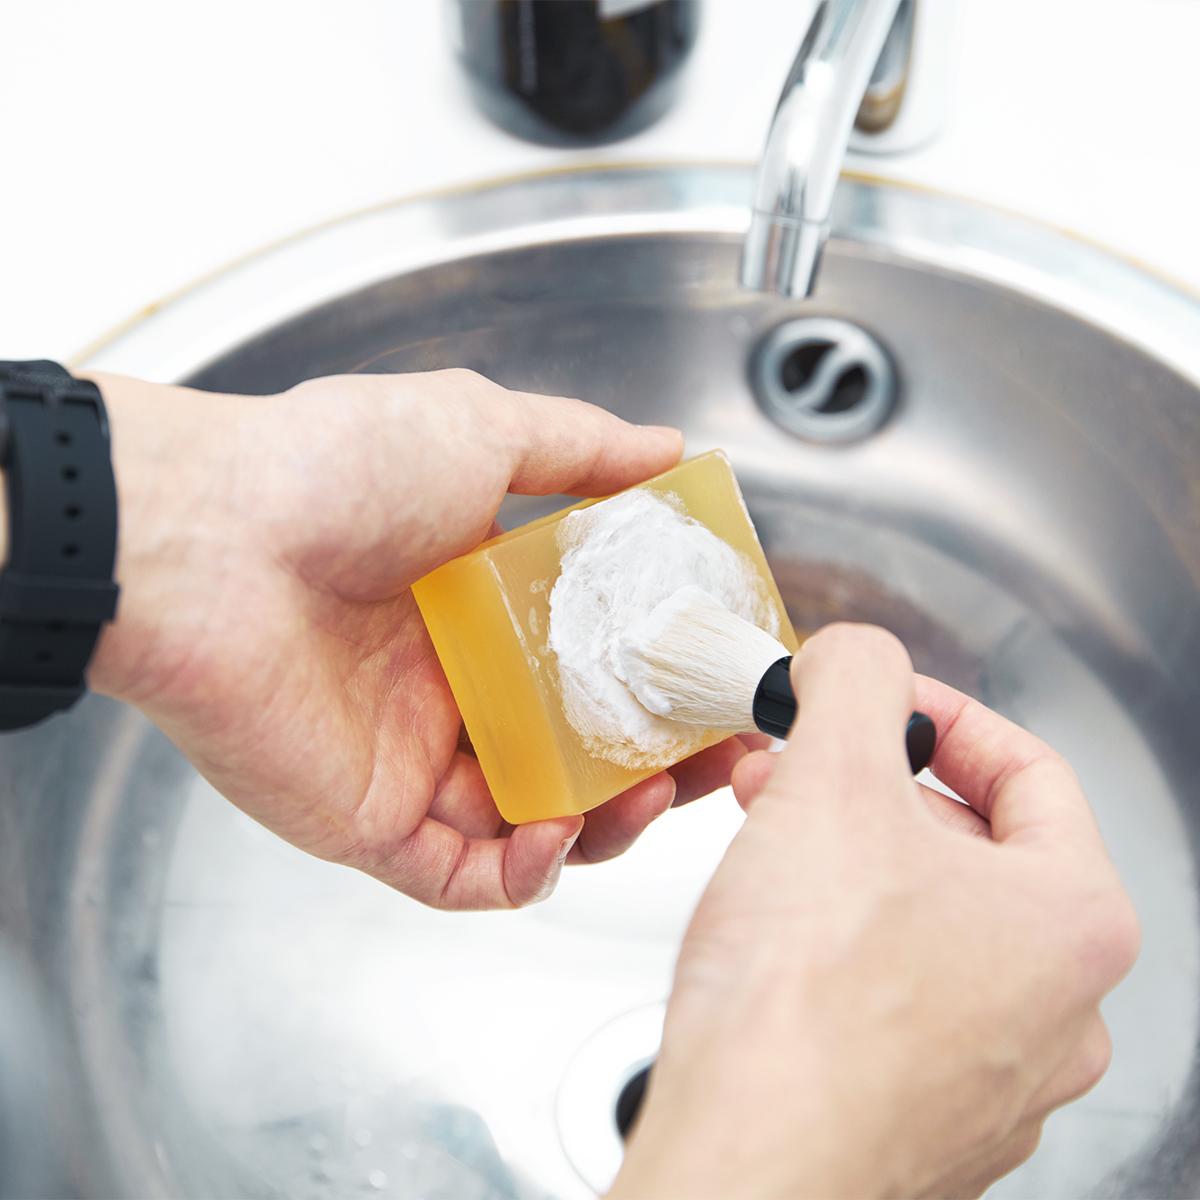 キッチンから始まった「伝説の自然派コスメ」|《毛穴ケアセット》ハーブ研究家が30年かけてつくり上げたソープ&洗顔ブラシ|organic BOTANICS